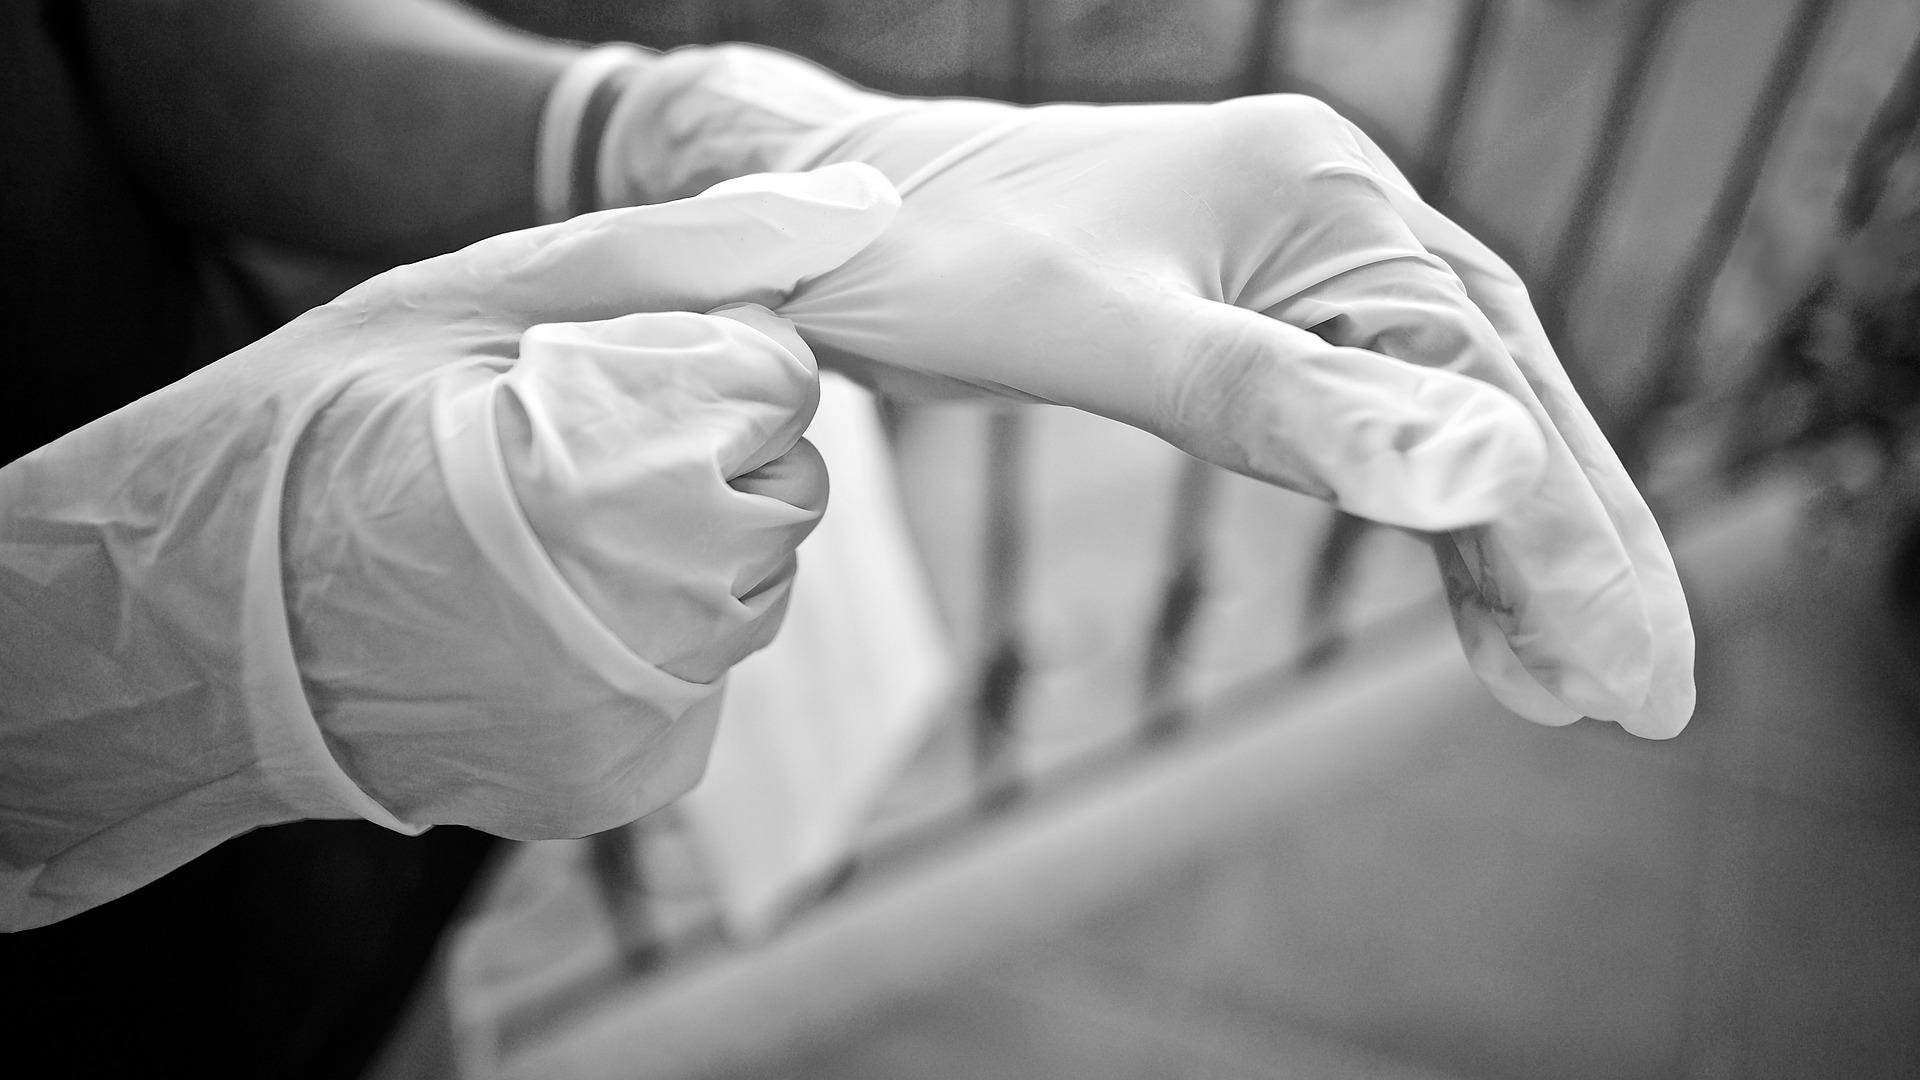 gloves 5155220 1920 1